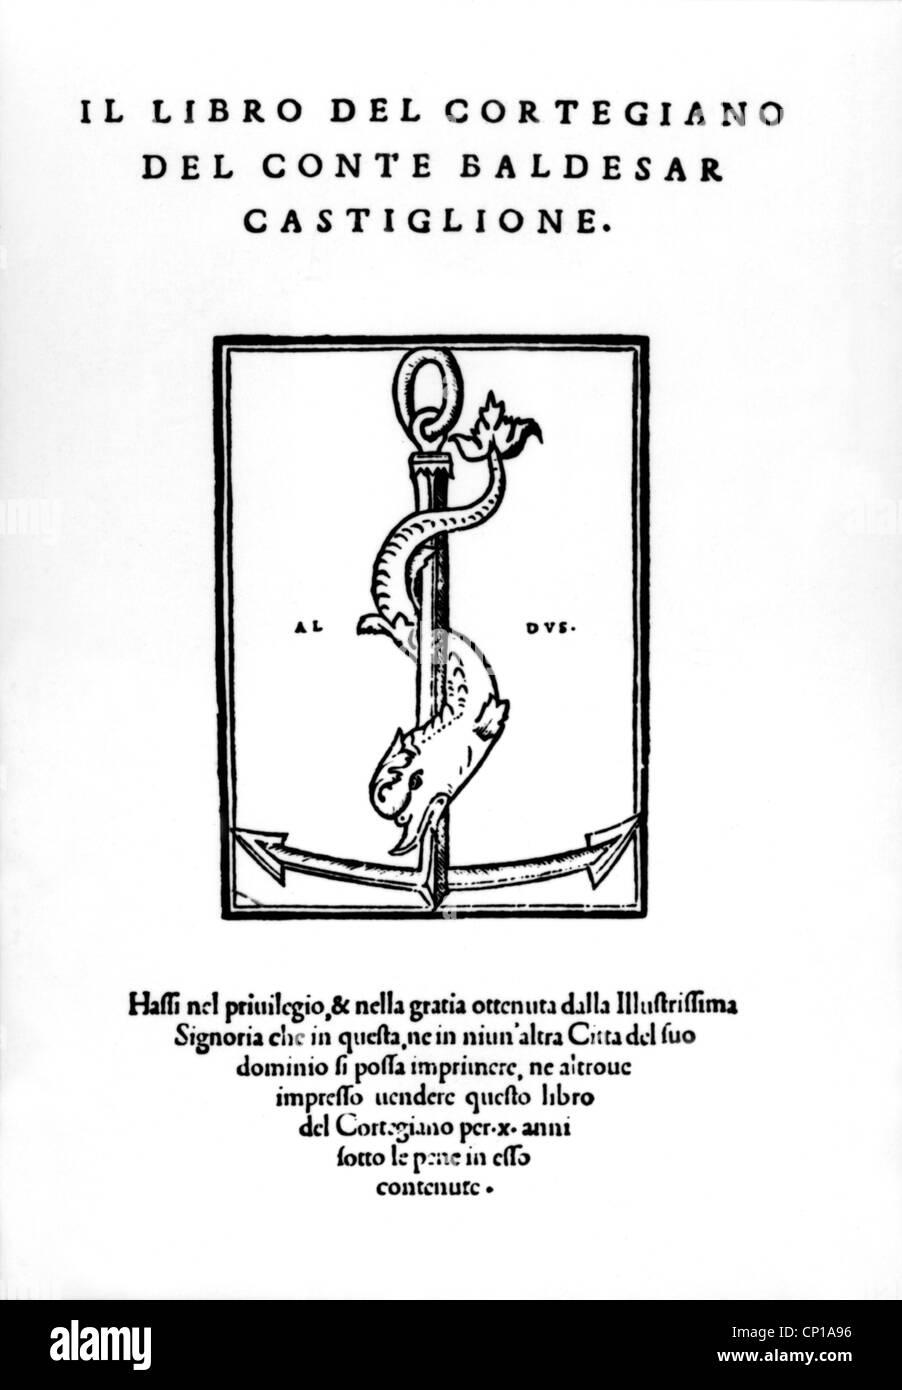 Castiglione, Baldassare Graf, 6.12.1478 - 7.2.1529, autore italiano / scrittore e politico, lavoro 'Il libro Immagini Stock